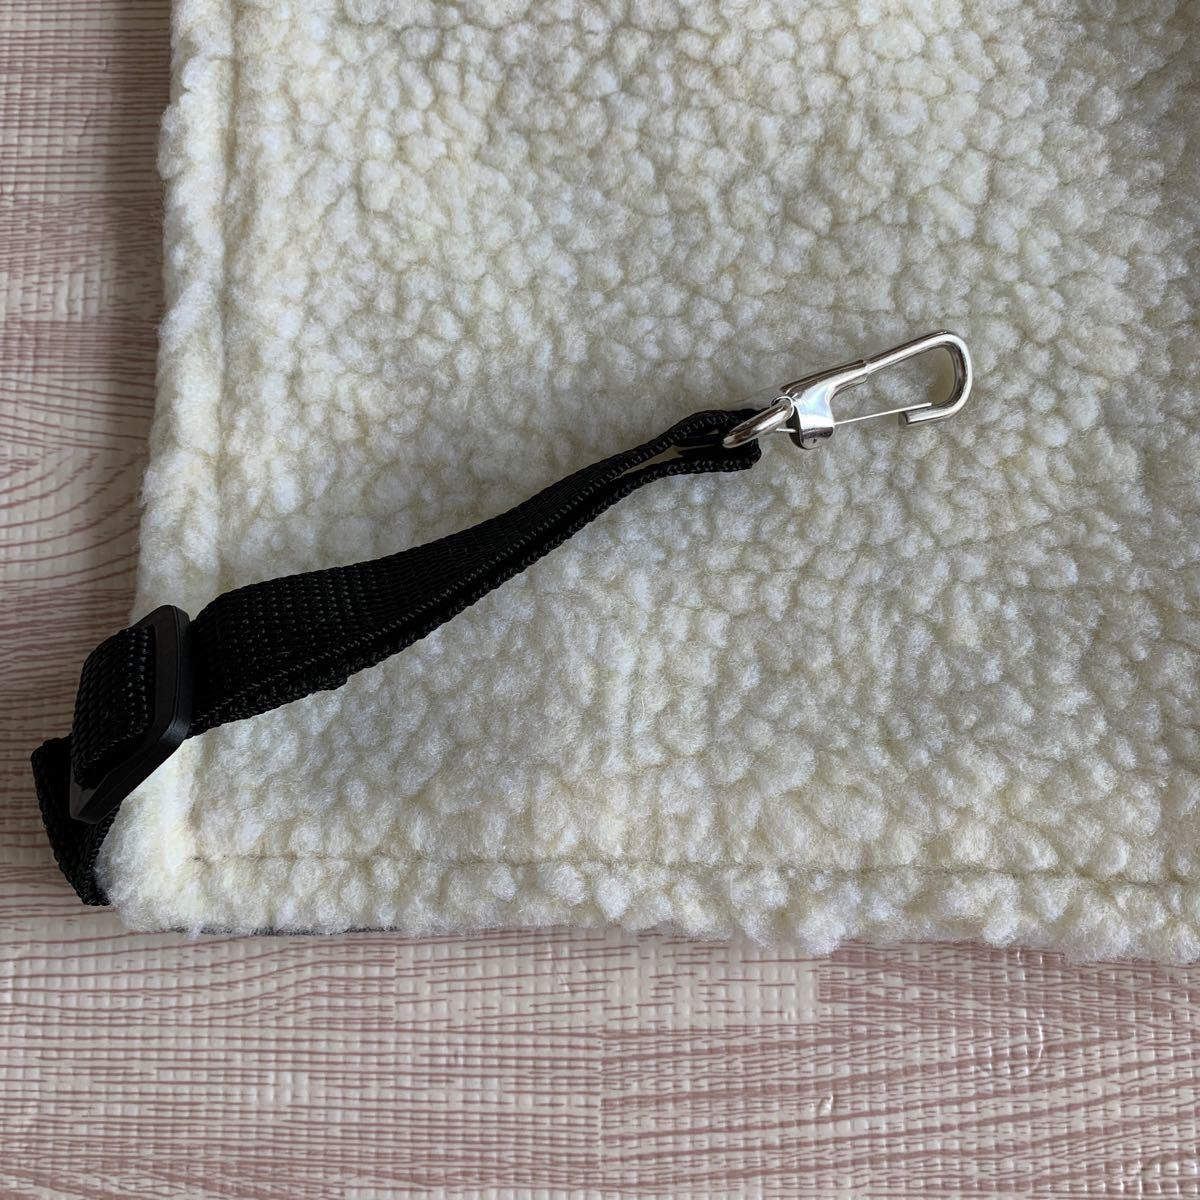 新品 ニャンモック Lサイズ シンプル グレー 格子柄 猫用ハンモック ケージ 小動物 ケージ ハンモック ベッド ペット